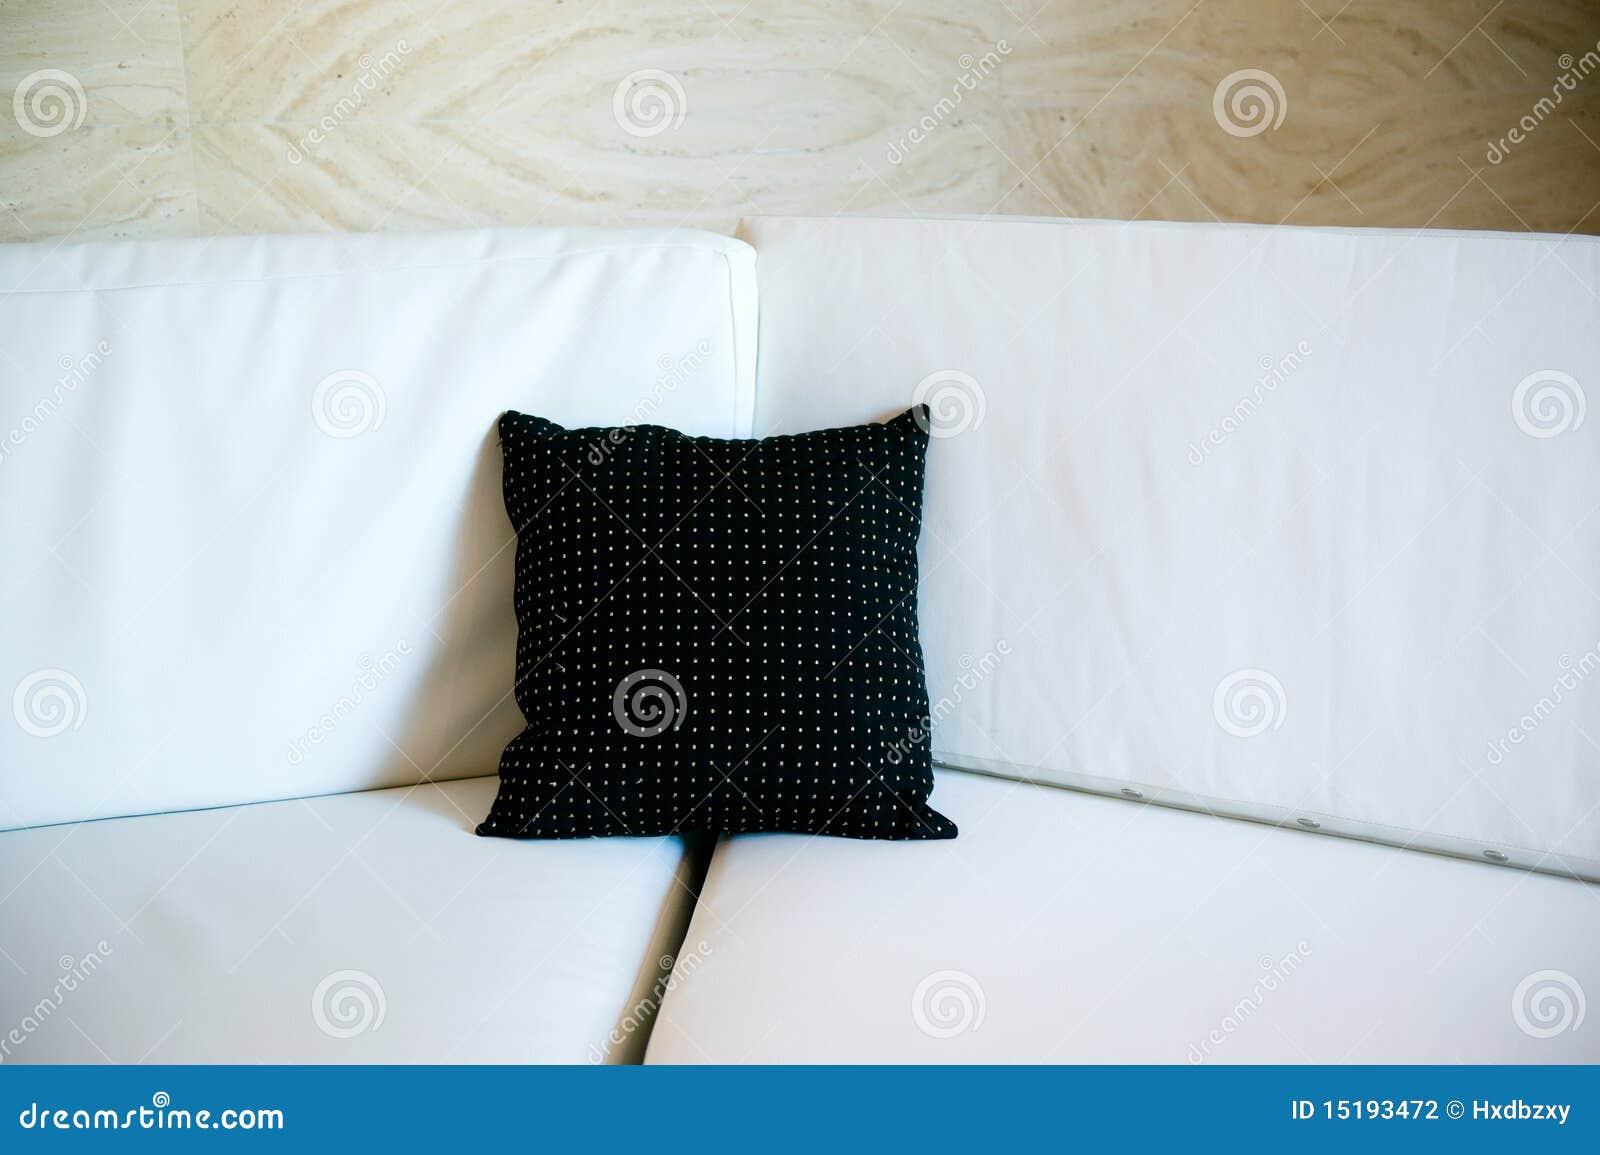 schwarzes kissen auf einem sofa stockfoto bild von lebensstil kissen 15193472. Black Bedroom Furniture Sets. Home Design Ideas